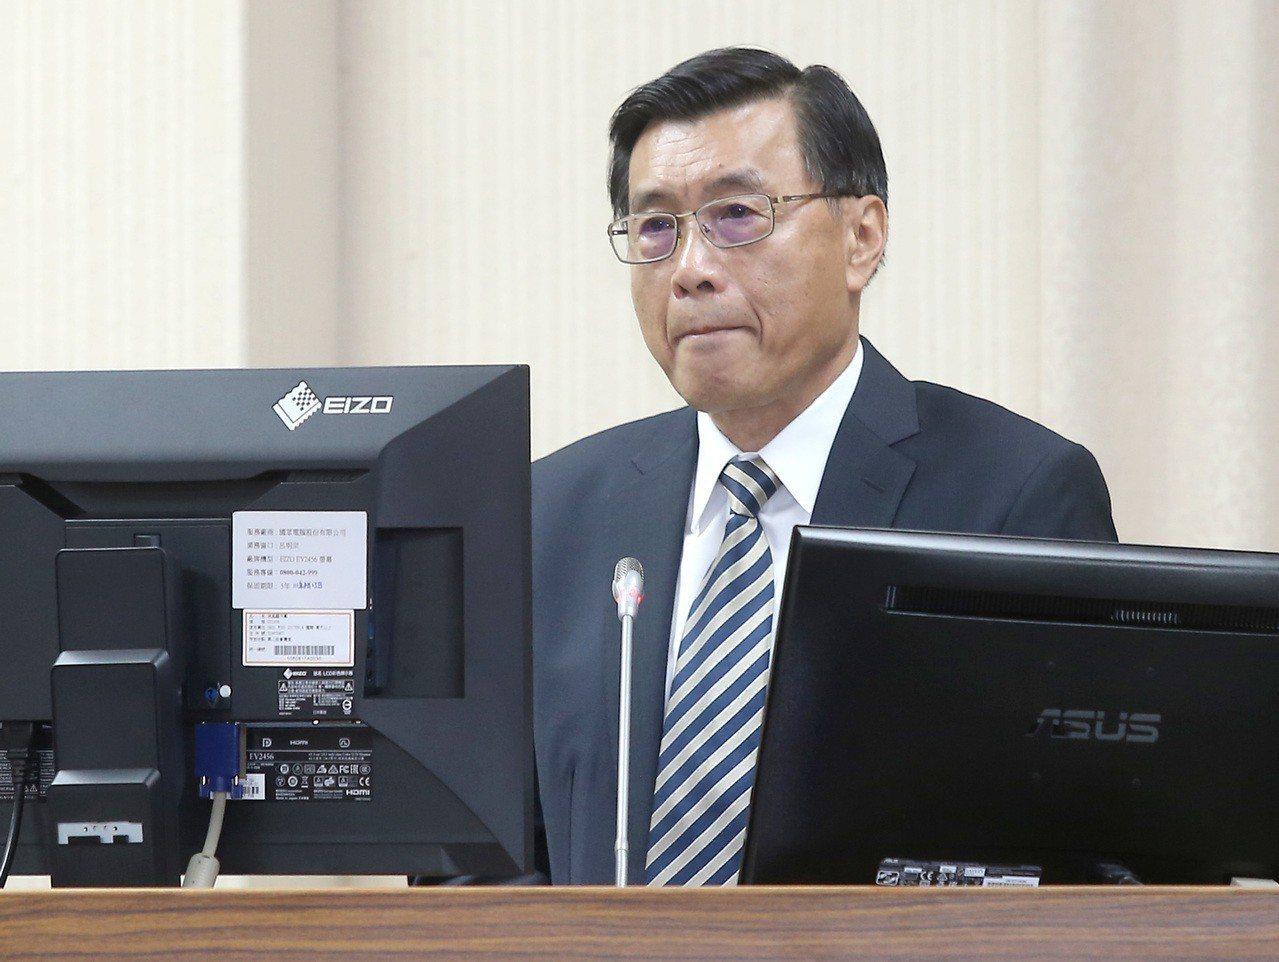 國安局長彭勝竹今在立法院證實,國安局確實監控臉書等公開網路社群,偵蒐包括詆毀國家...